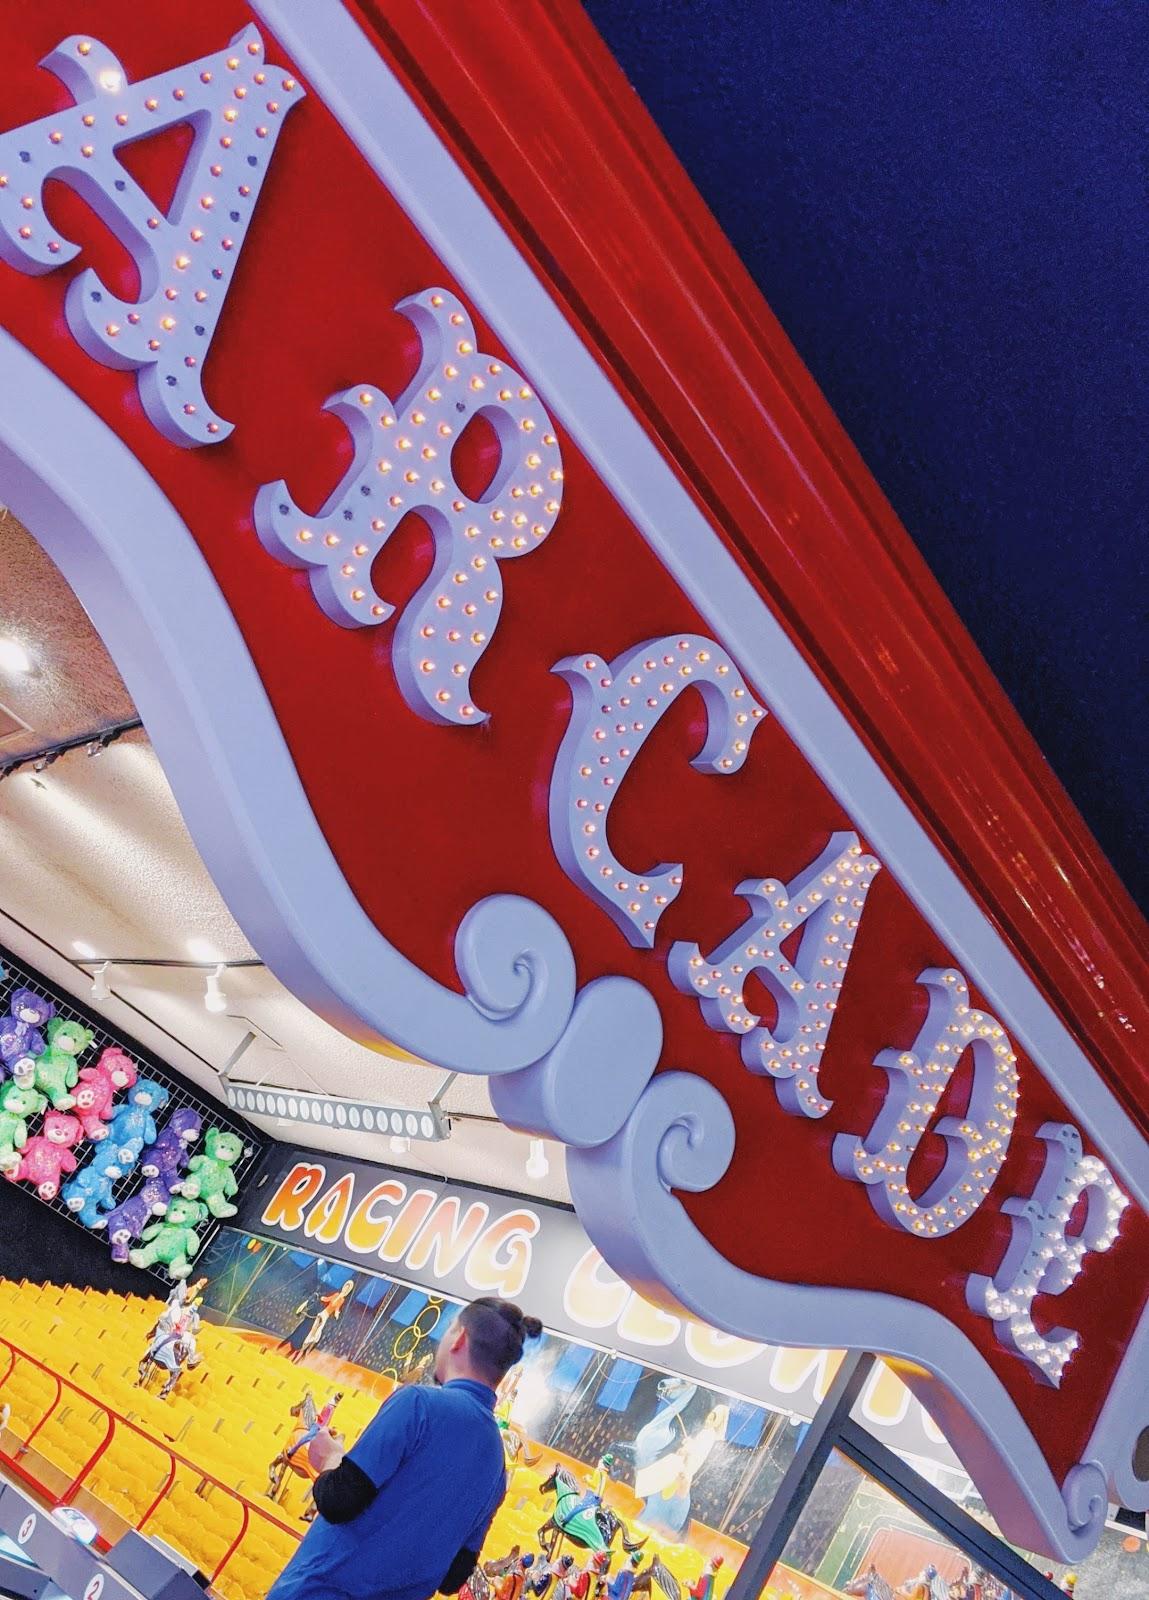 מלון סירקס circus מה הכי שווה מלונות קונספט לאס וגאס